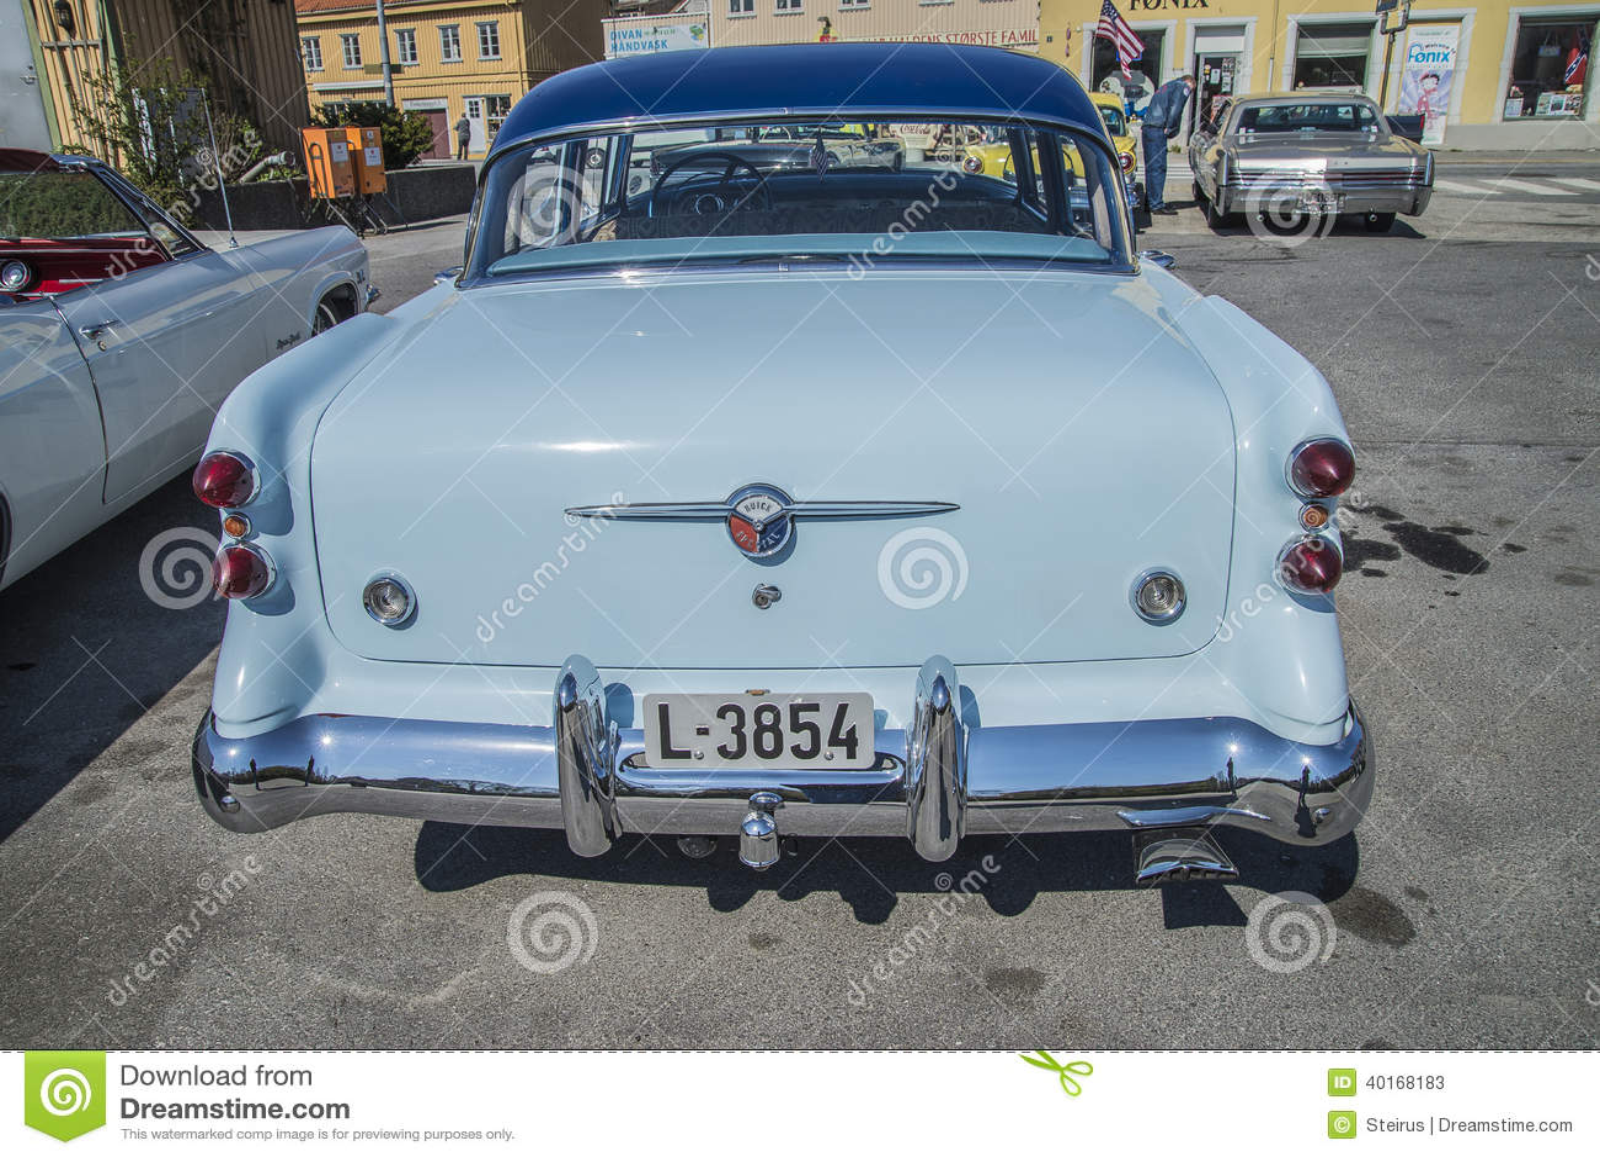 1954 buick special 4 door sedan editorial stock photo for 1954 buick 4 door